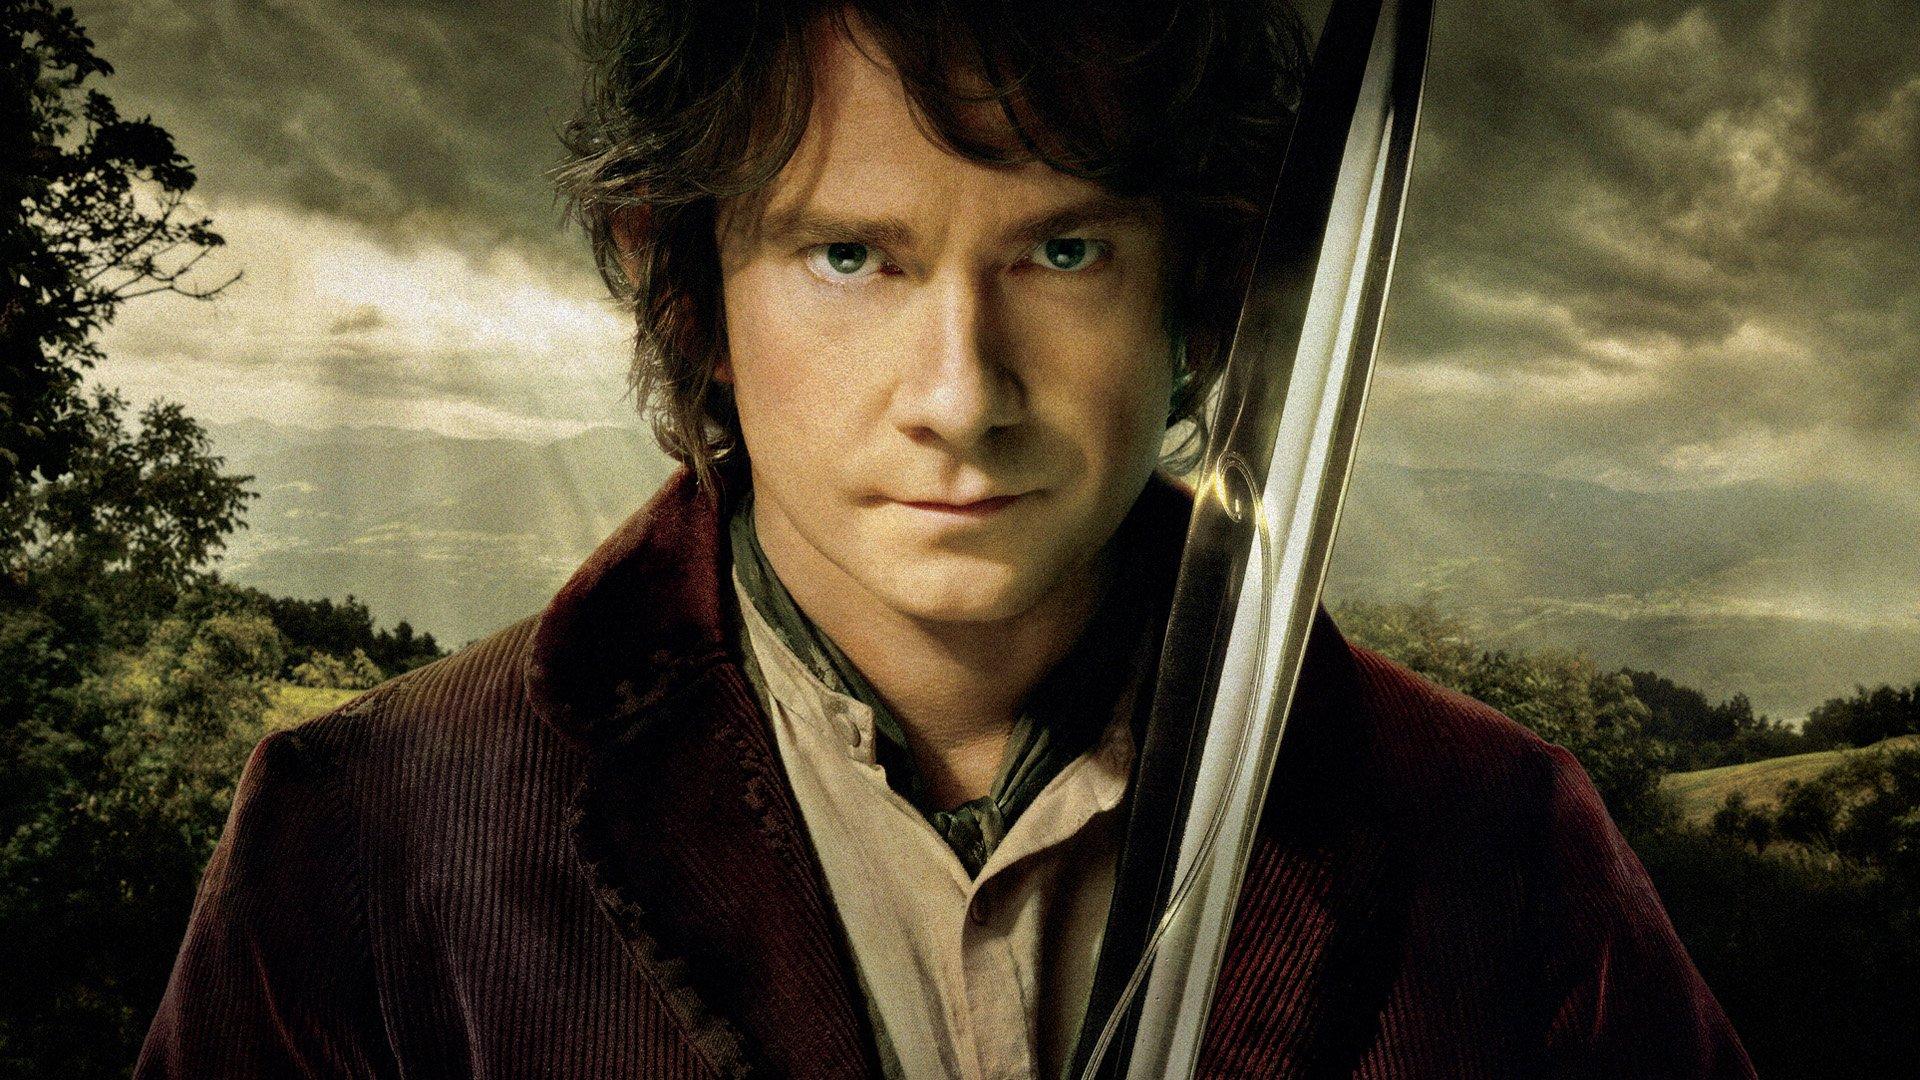 Assassins Creed Wallpaper Hd Fondos De Pantalla De El Hobbit Un Viaje Inesperado